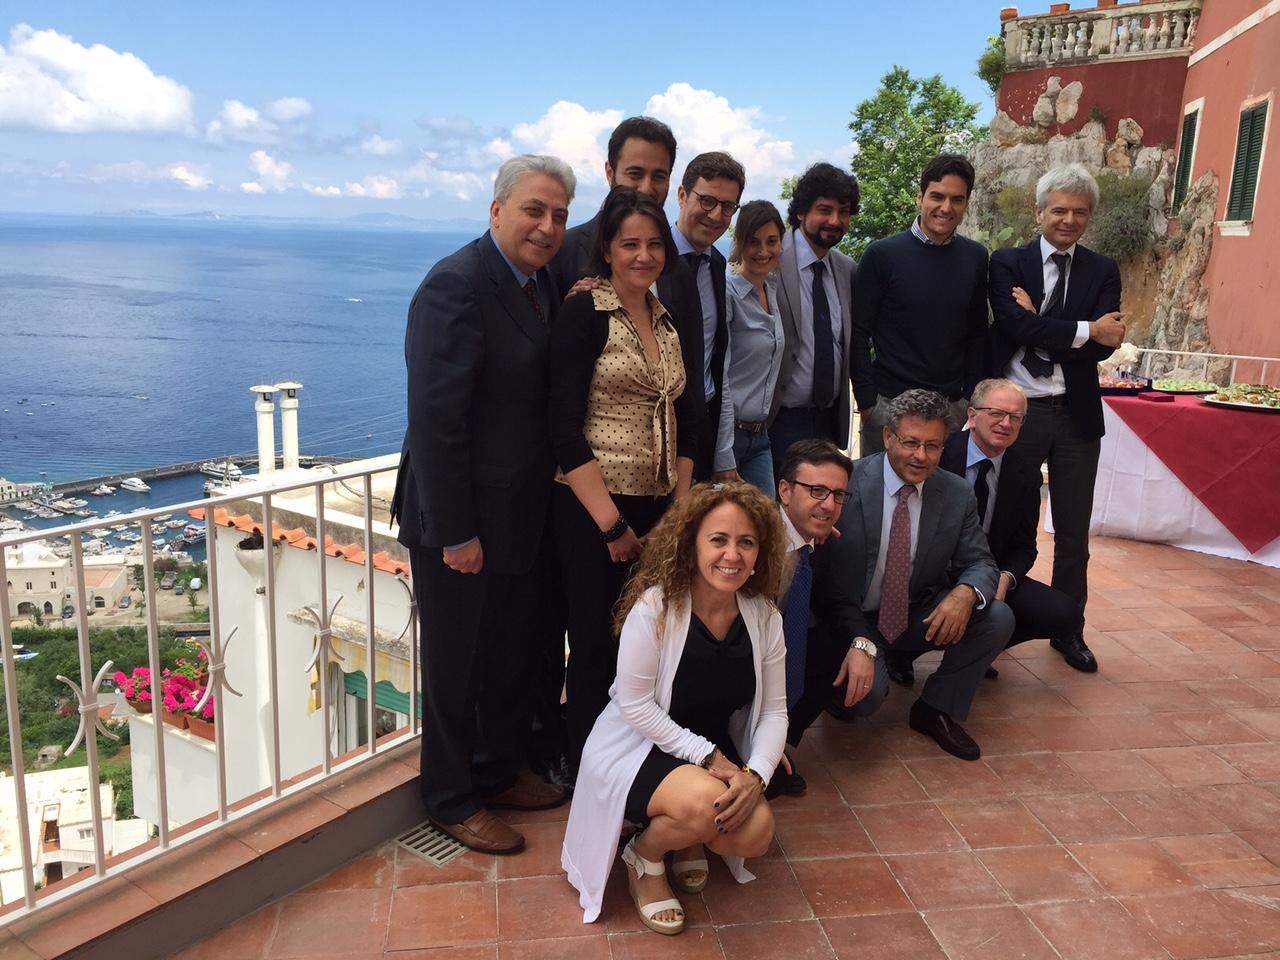 Banca Monte dei Paschi inaugura la nuova filiale di Capri